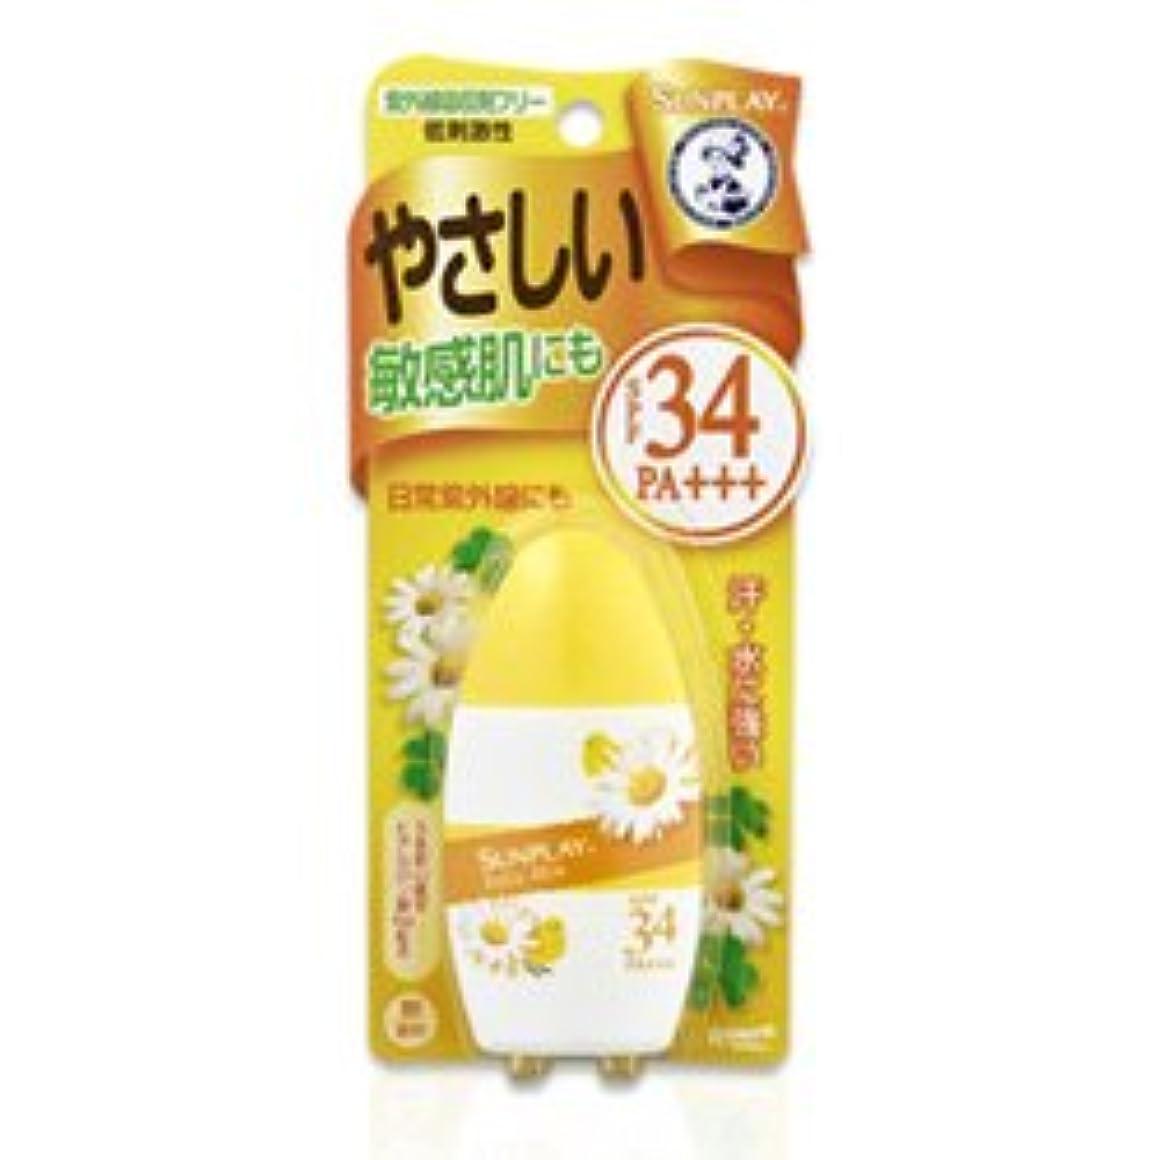 費用アリーナ蘇生する【ロート製薬】メンソレータム サンプレイ ベビーミルク 30g ×5個セット